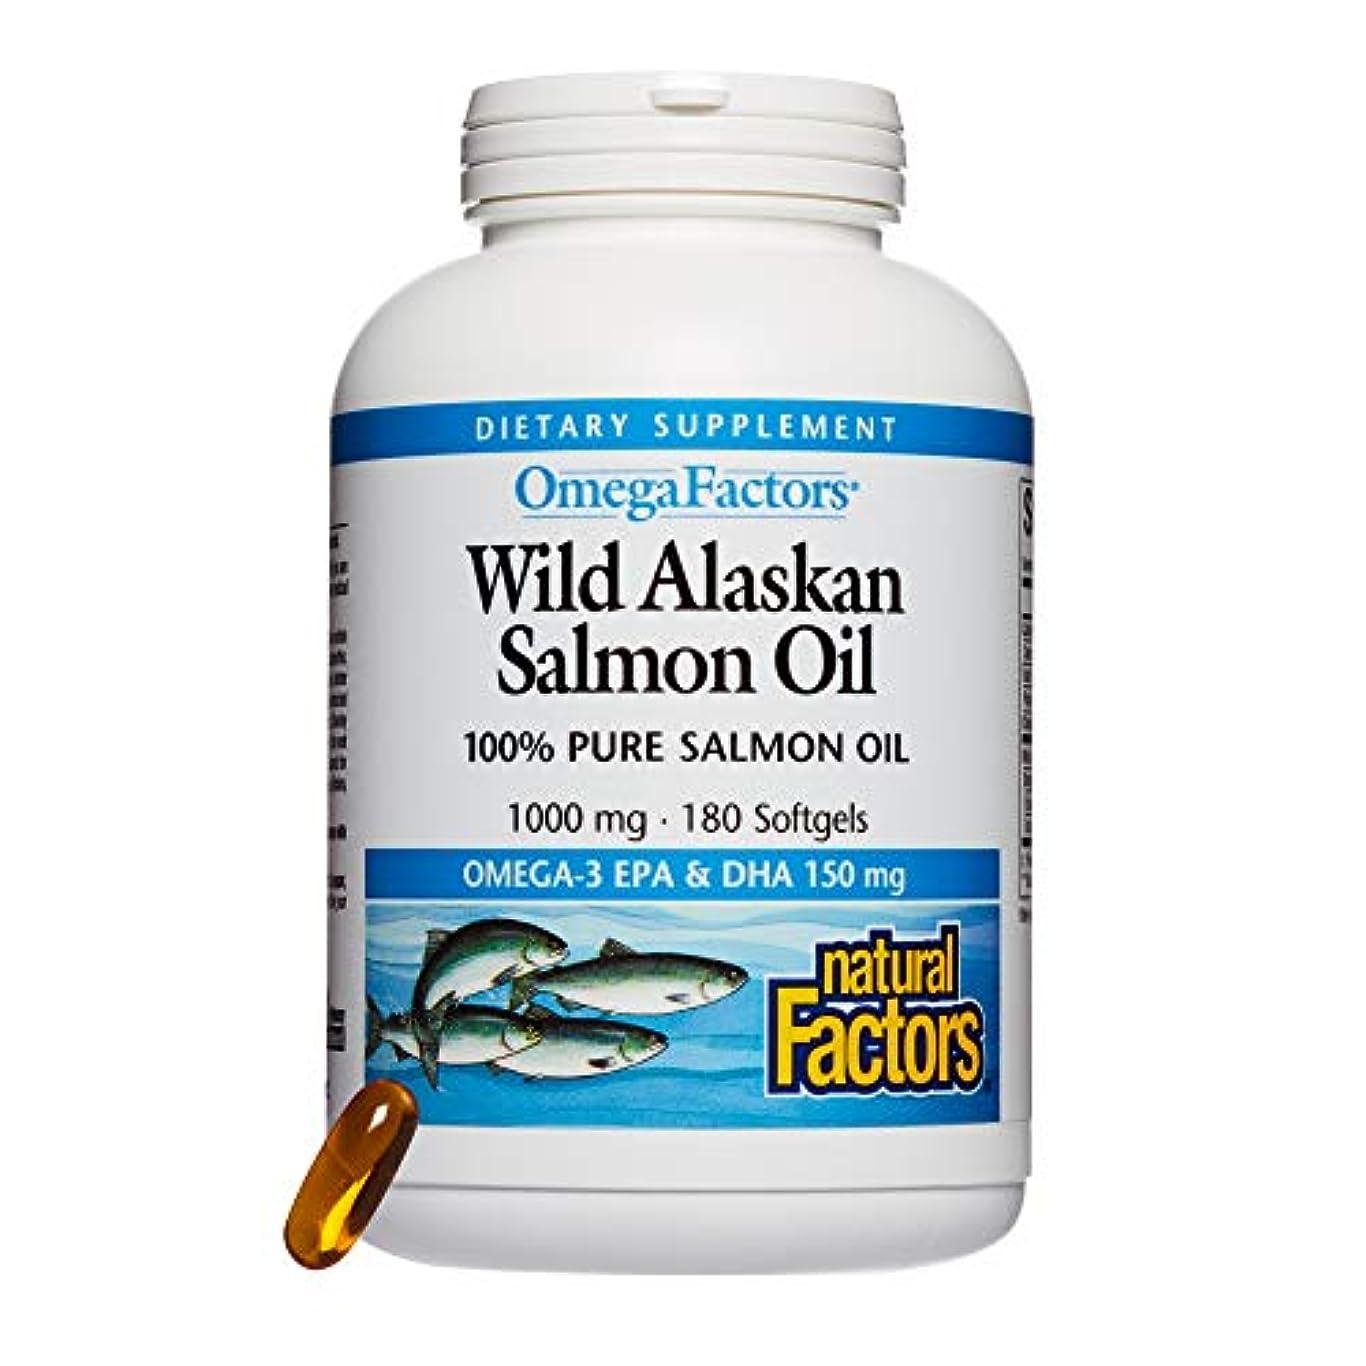 クロールバンドル状態海外直送品Natural Factors Wild Alaskan Salmon Oil, 180 Softgels 1000 mg